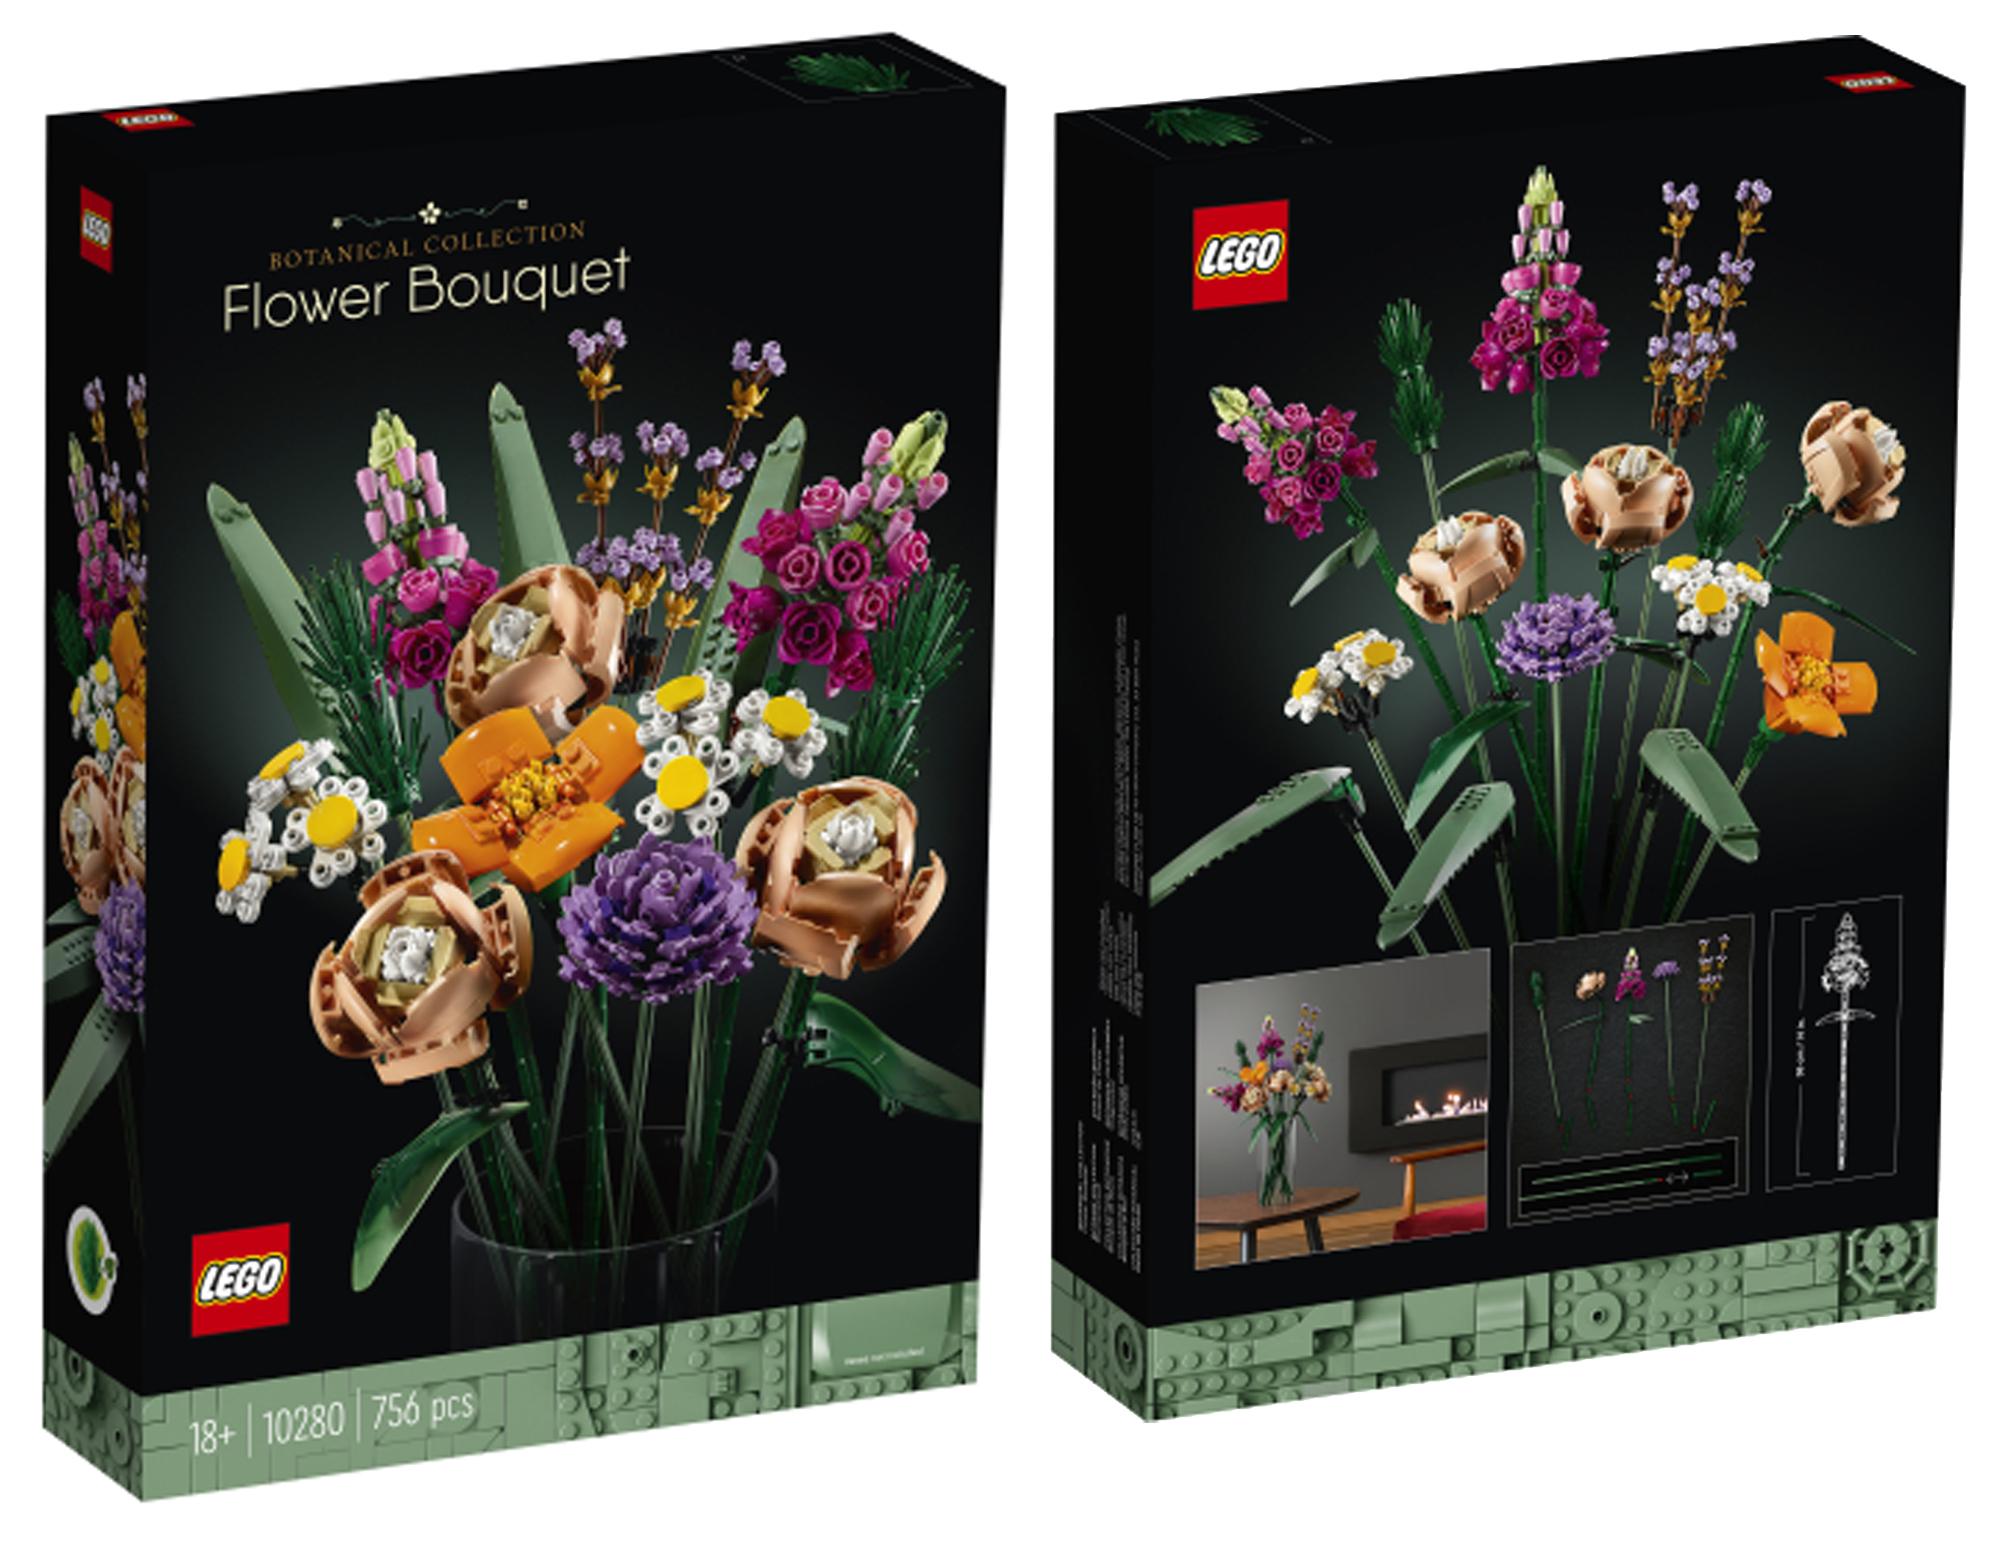 2021年大人のレゴ新製品情報!盆栽と花束:大人の欲求を満たす高級レゴシリーズ